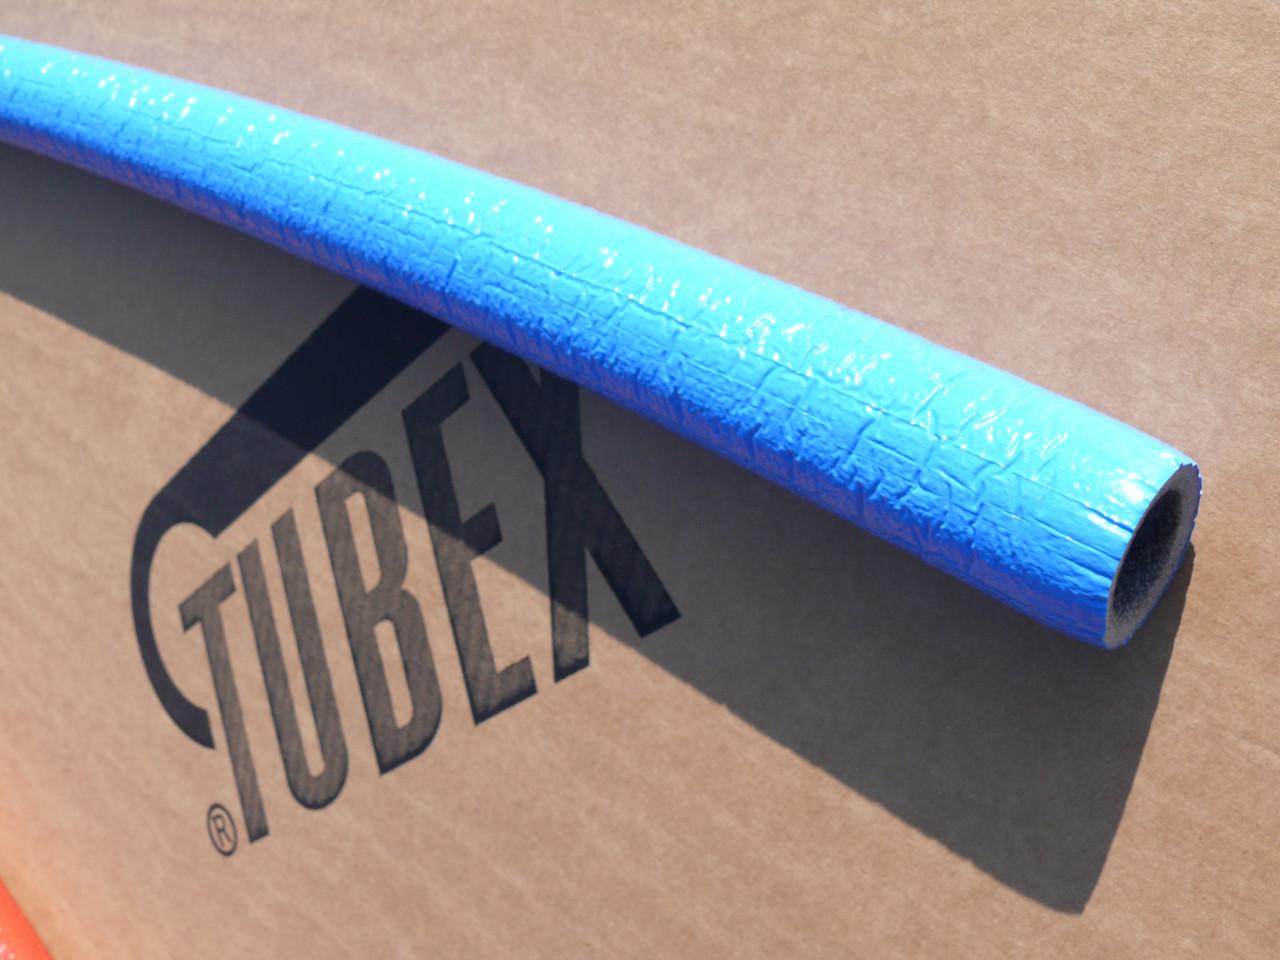 ІЗОЛЯЦІЯ ДЛЯ ТРУБ TUBEX® Protekt, синня, внутрішній діаметр 42 мм, товщина стінки 6 мм, виробник Чехія